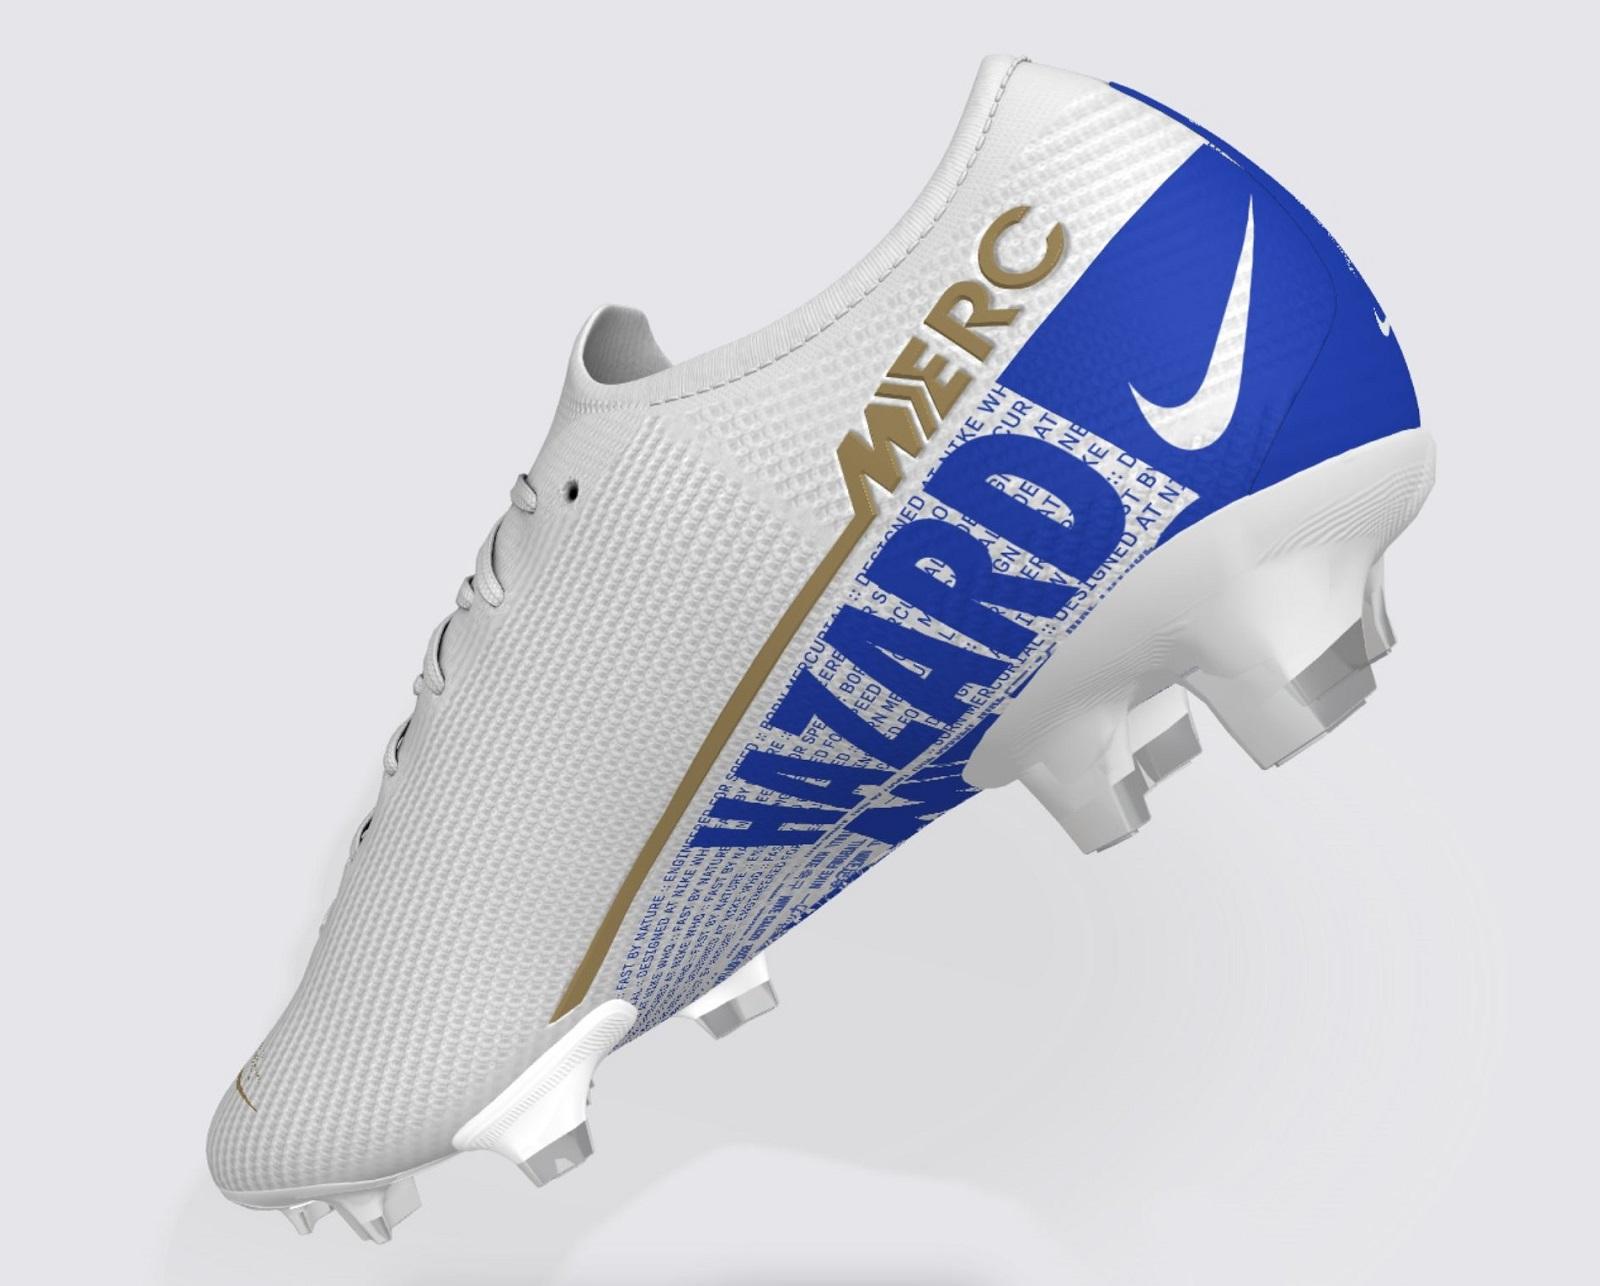 size 40 6e6b5 a57e5 Nike By You Eden Hazard Mercurial Vapor | Soccer Cleats 101